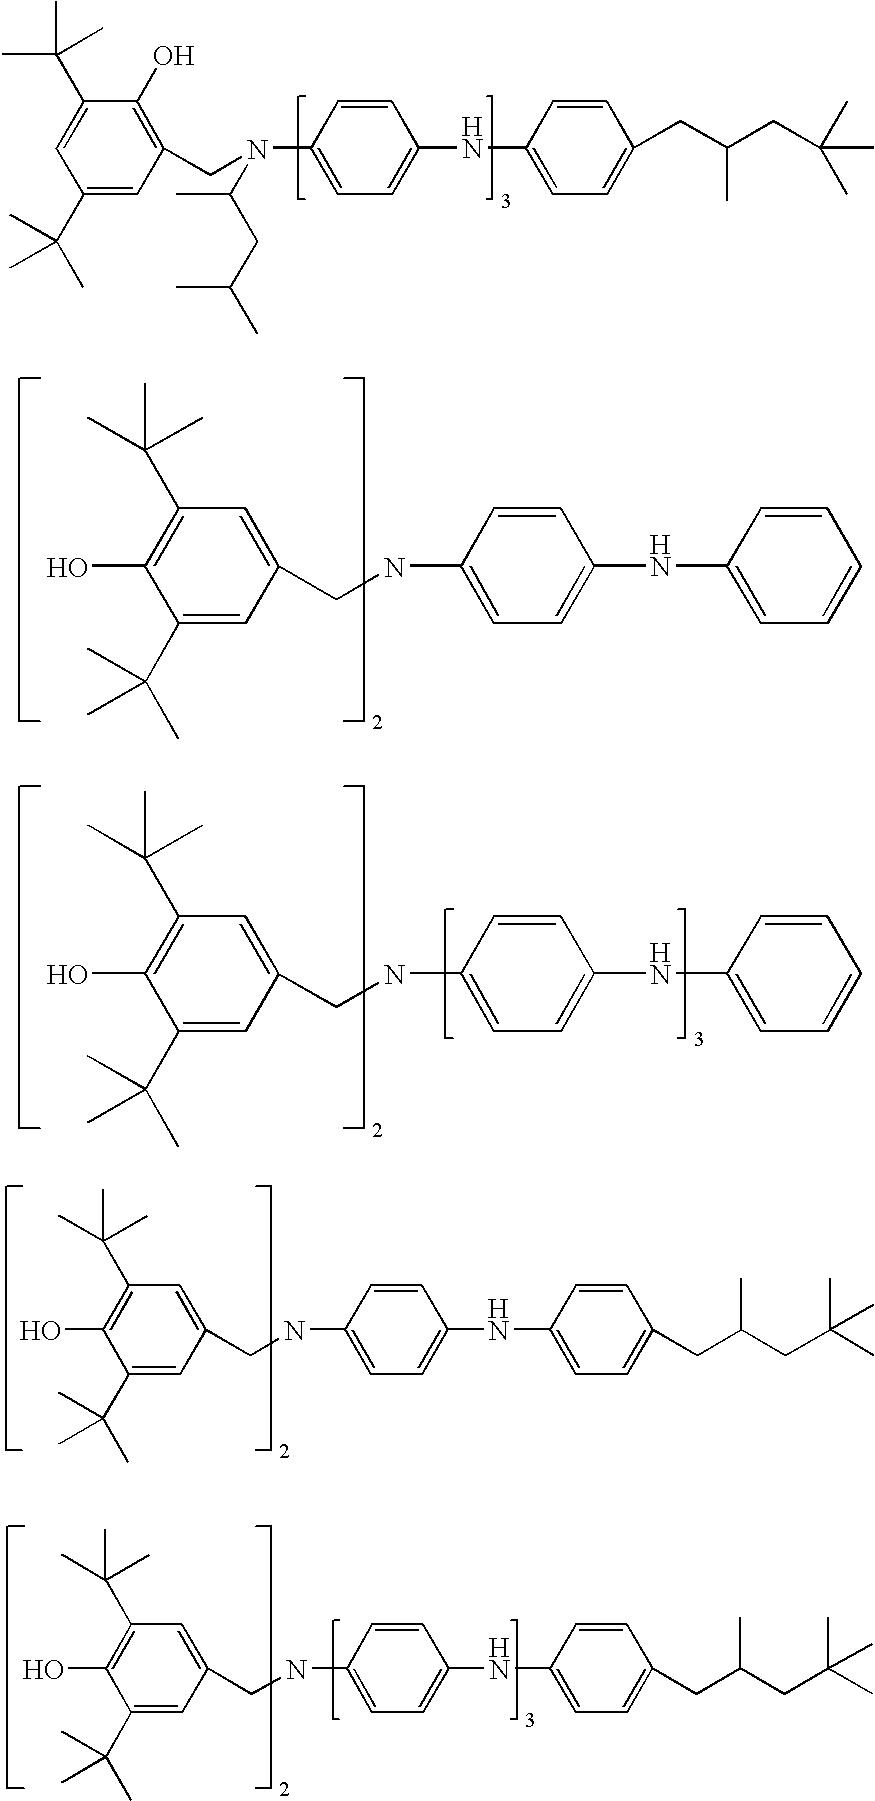 Figure US07705075-20100427-C00077